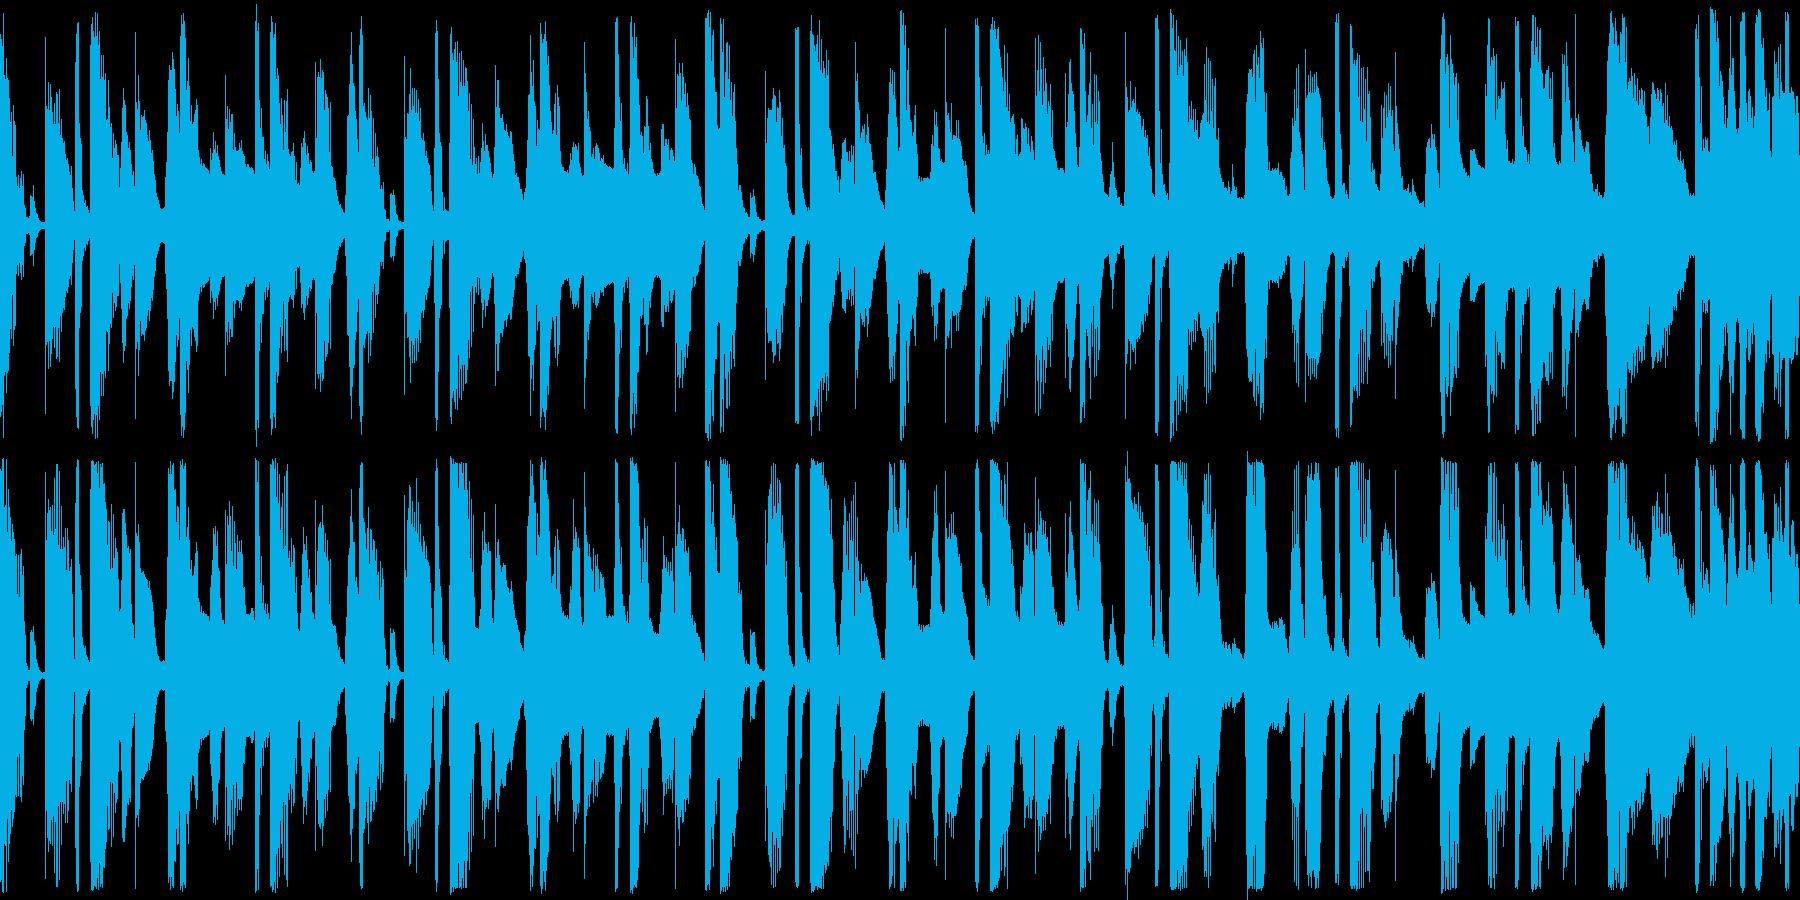 軽快でお気楽なループ用BGMの再生済みの波形